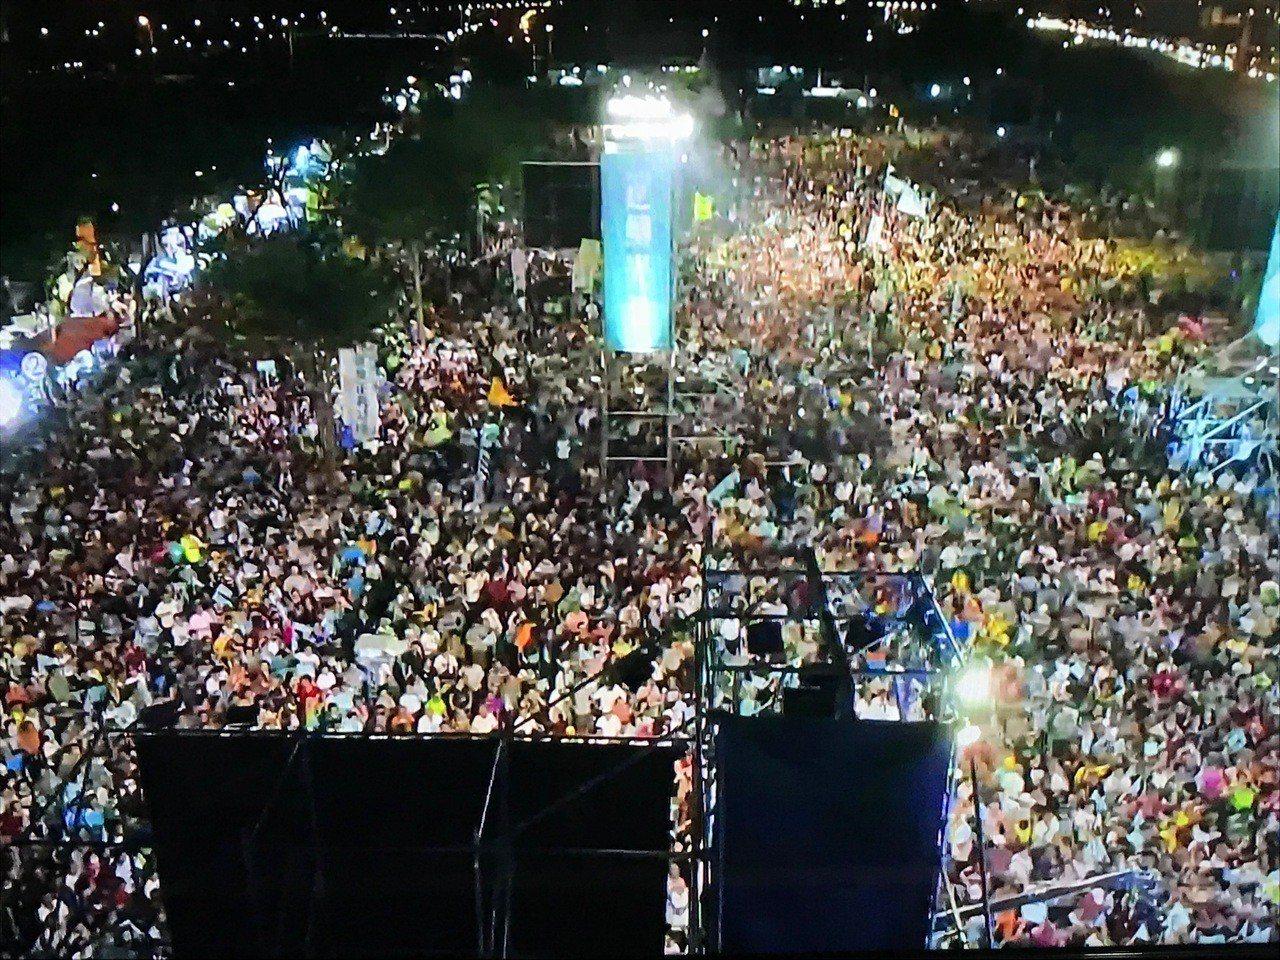 陳其邁晚間岡山造勢,陳陣營宣布全場破10萬人。記者林伯驊/翻攝